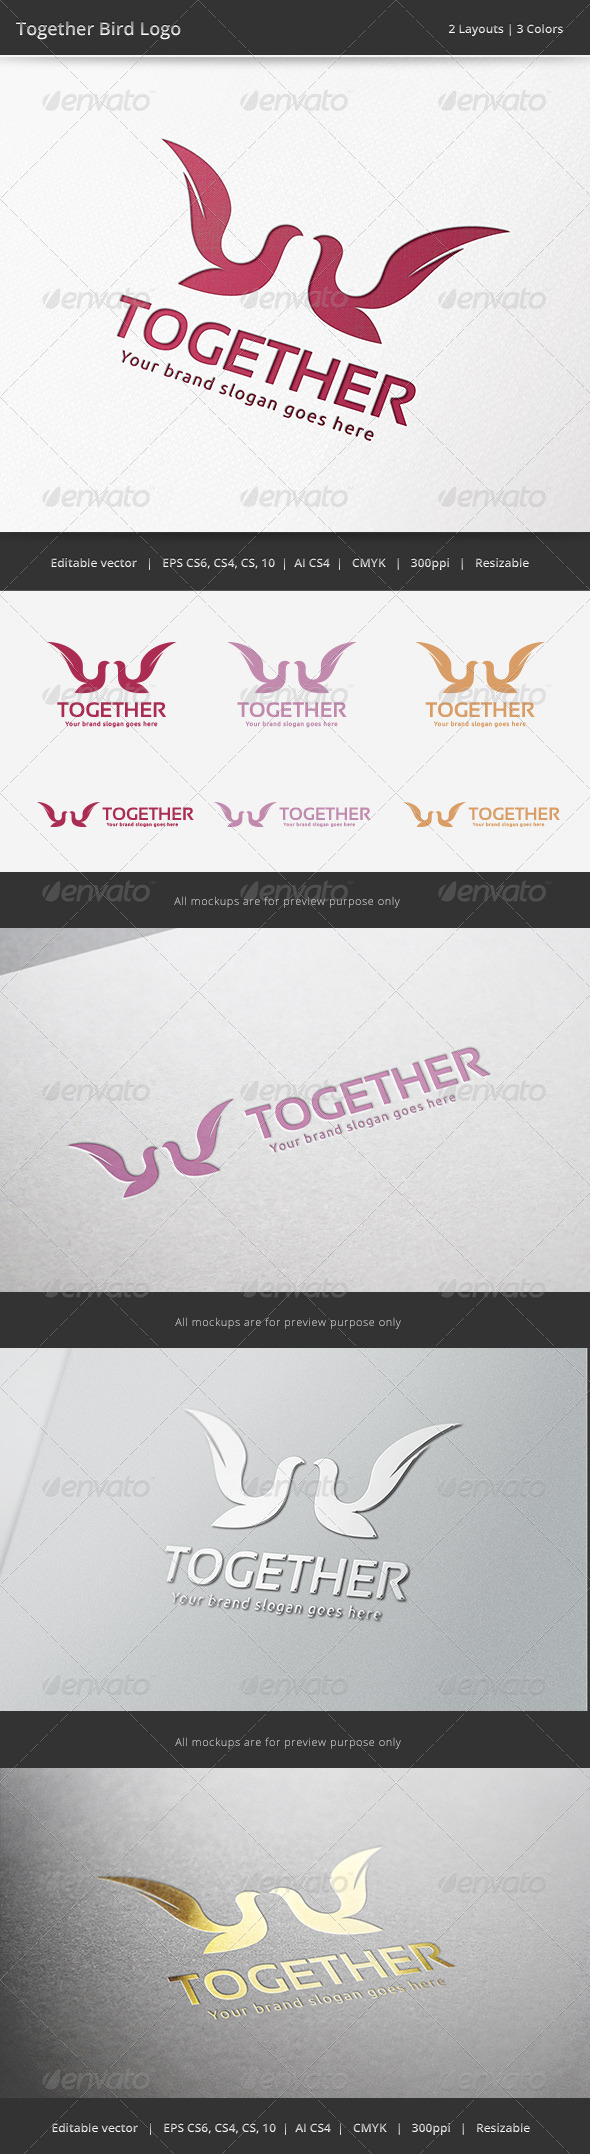 GraphicRiver Together Bird Logo 6686678